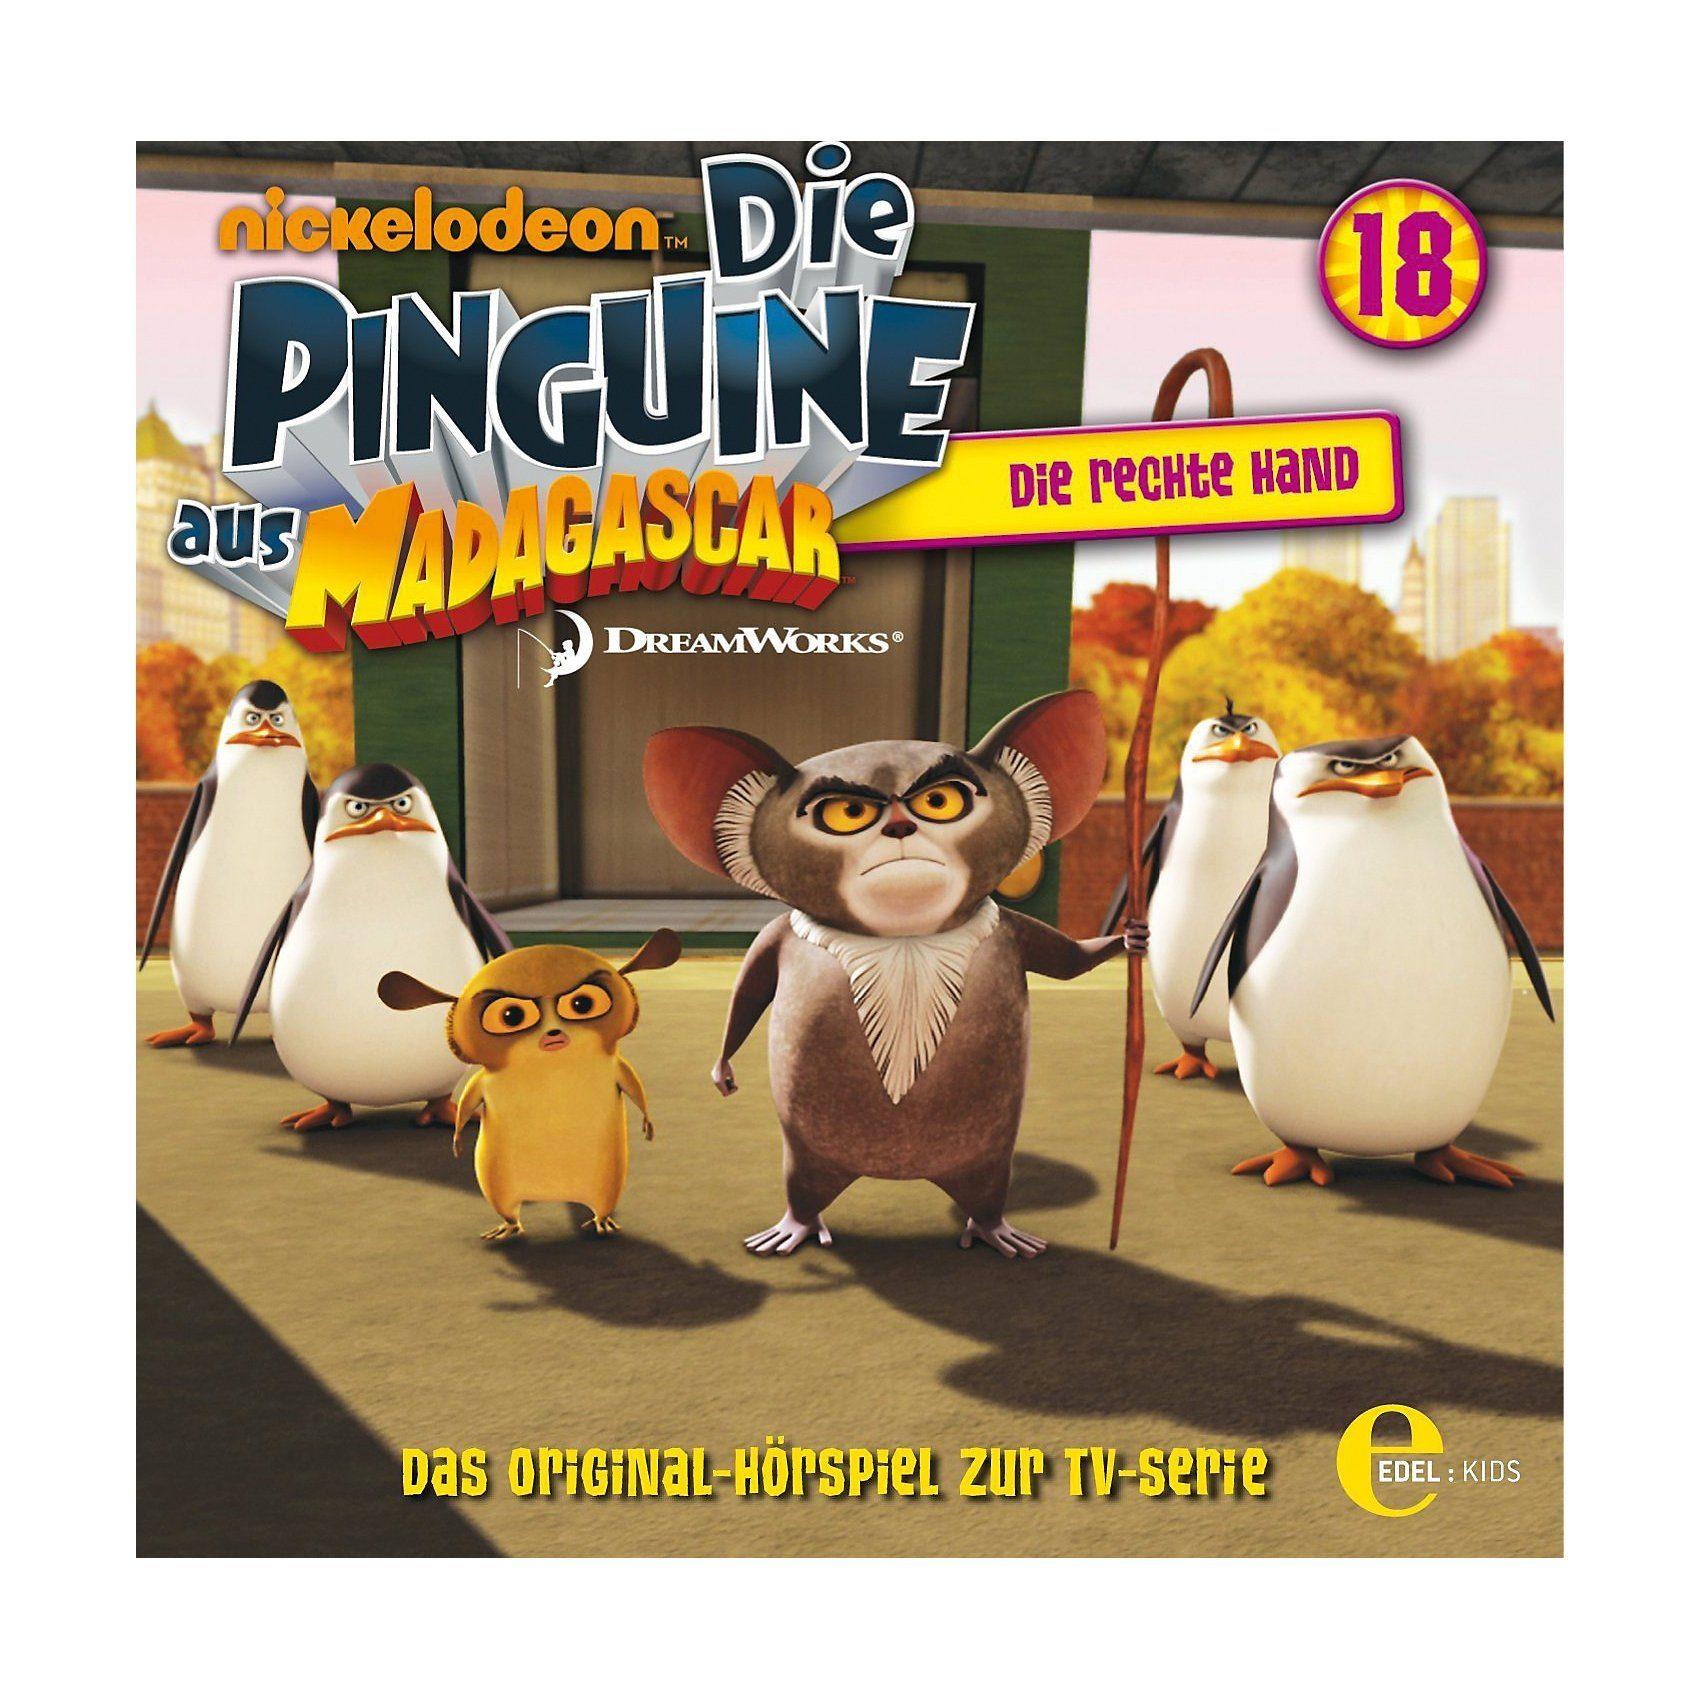 Edel CD Die Pinguine aus Madagascar 18